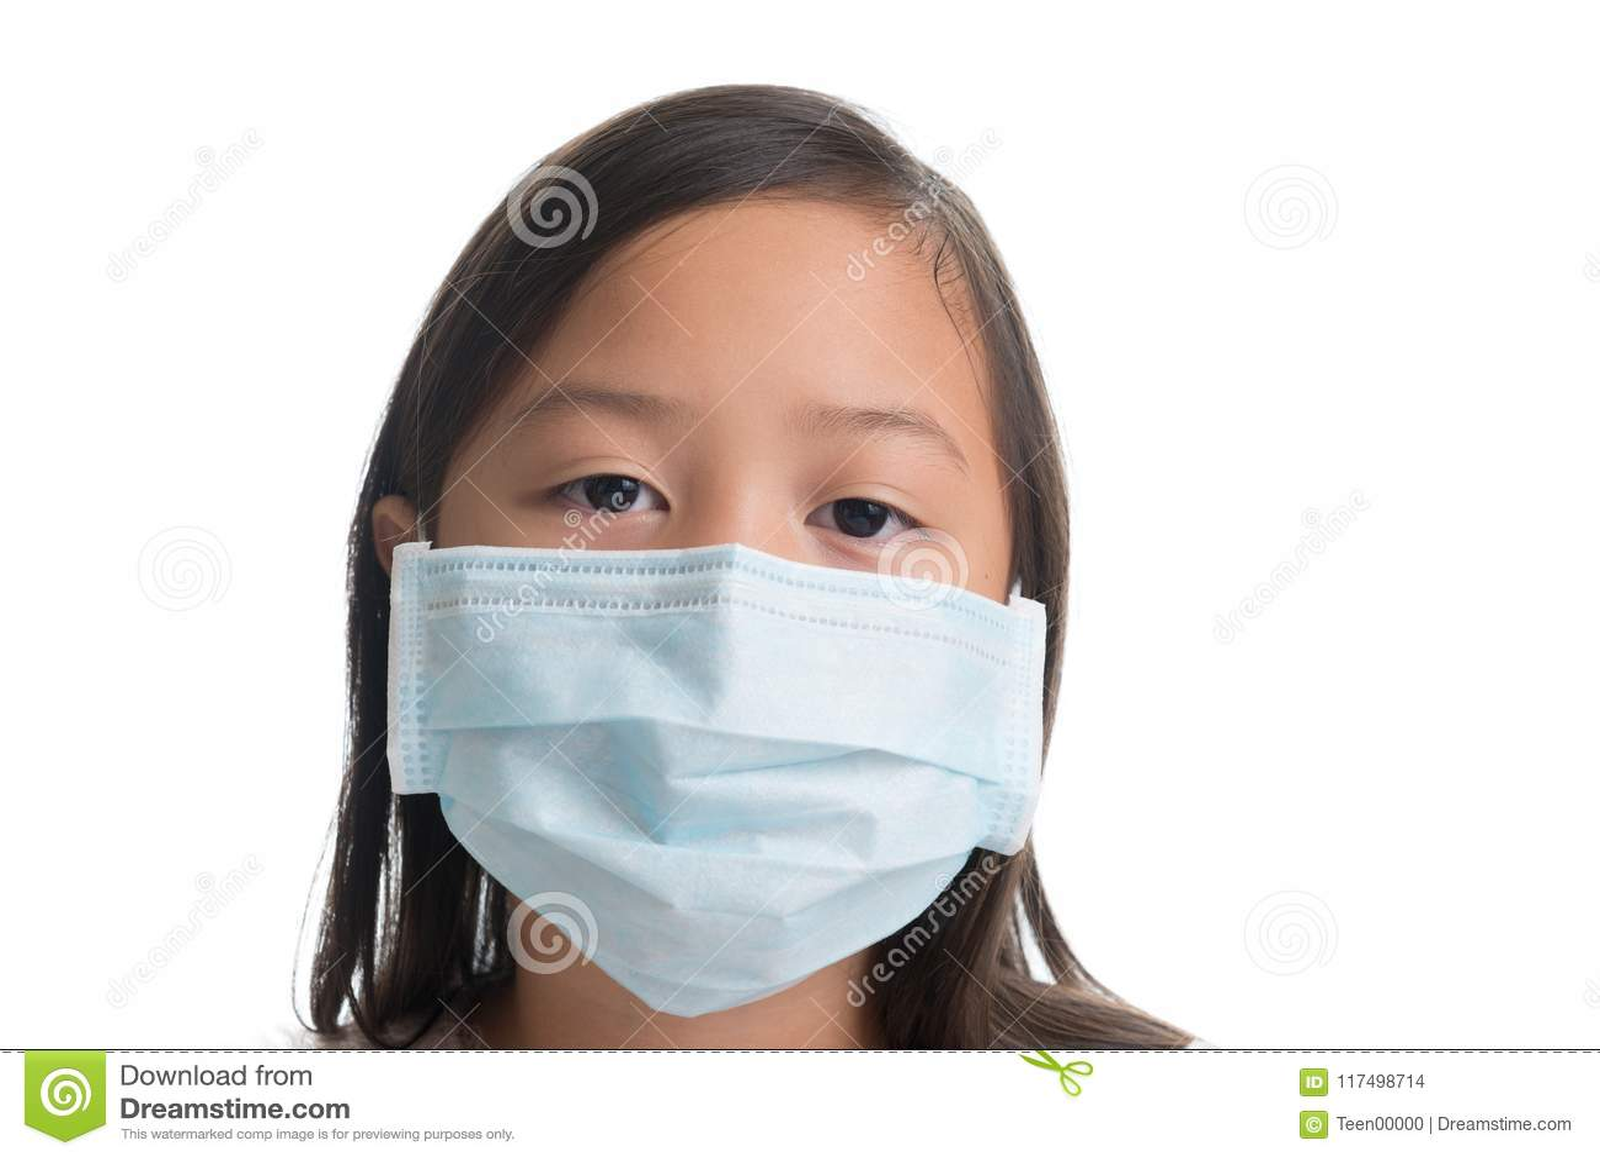 masque de protection enfant virus